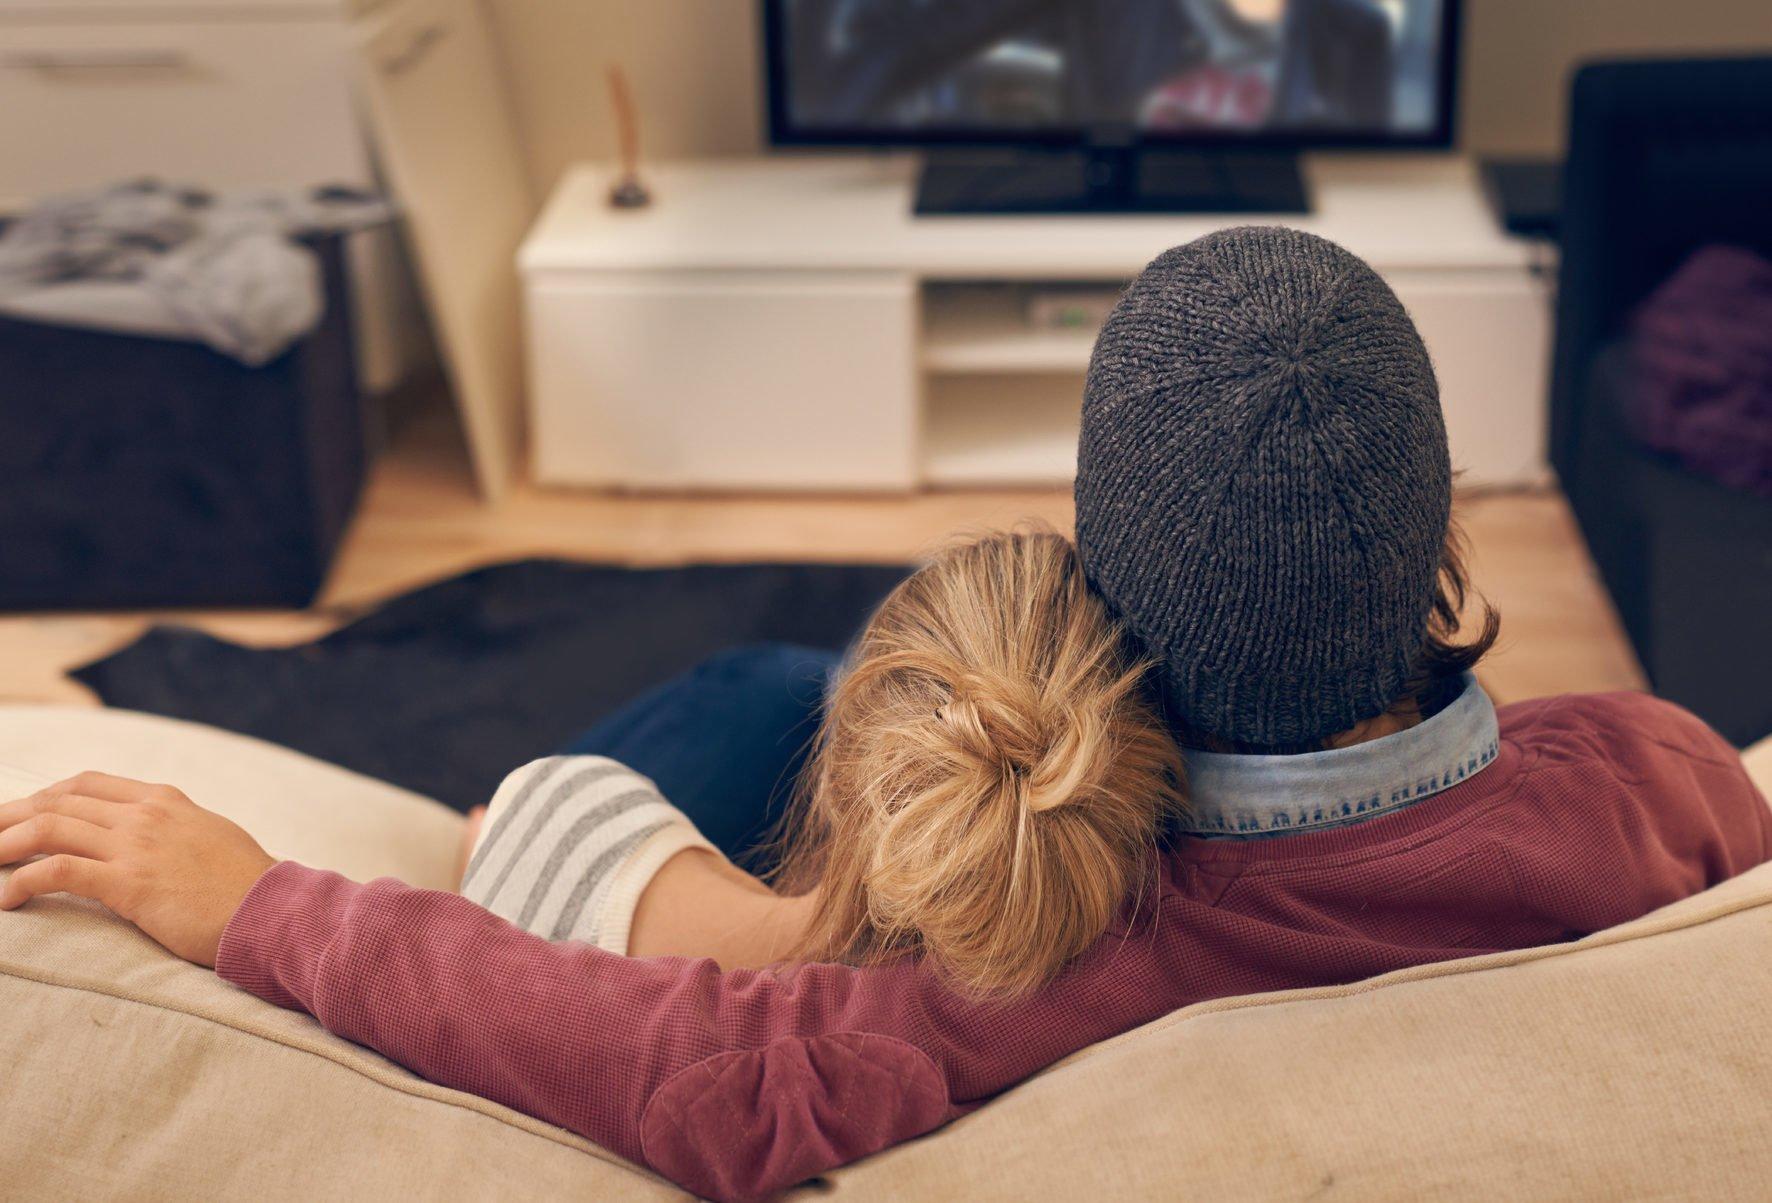 Pärchen vor dem Fernseher